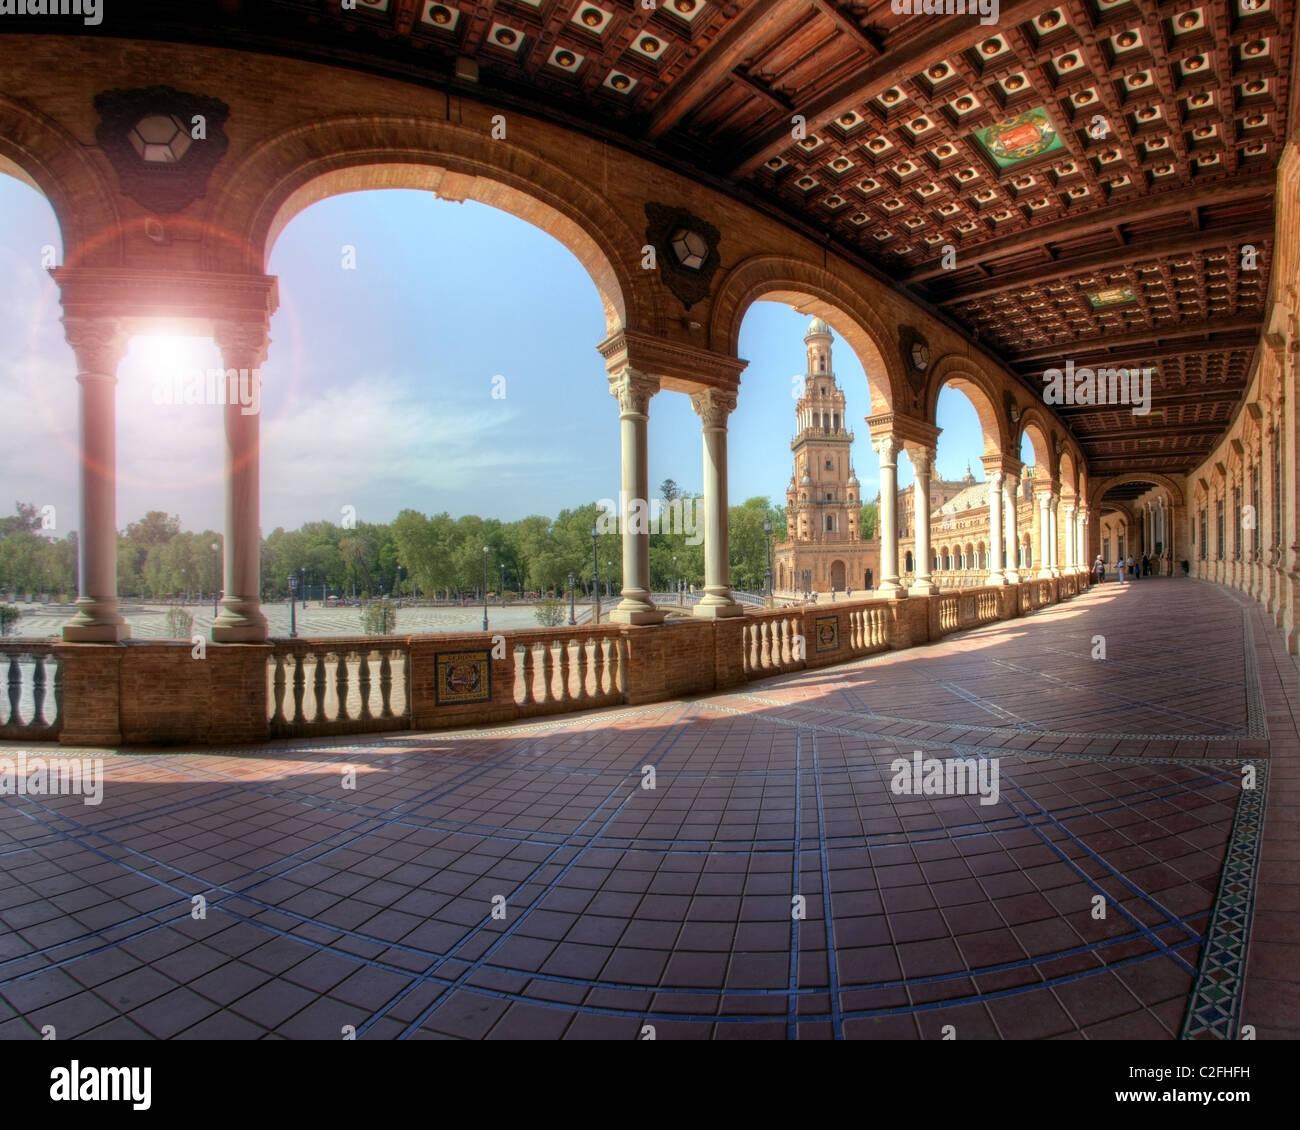 ES - Andalucía: Sevilla la famosa Plaza de España Foto de stock